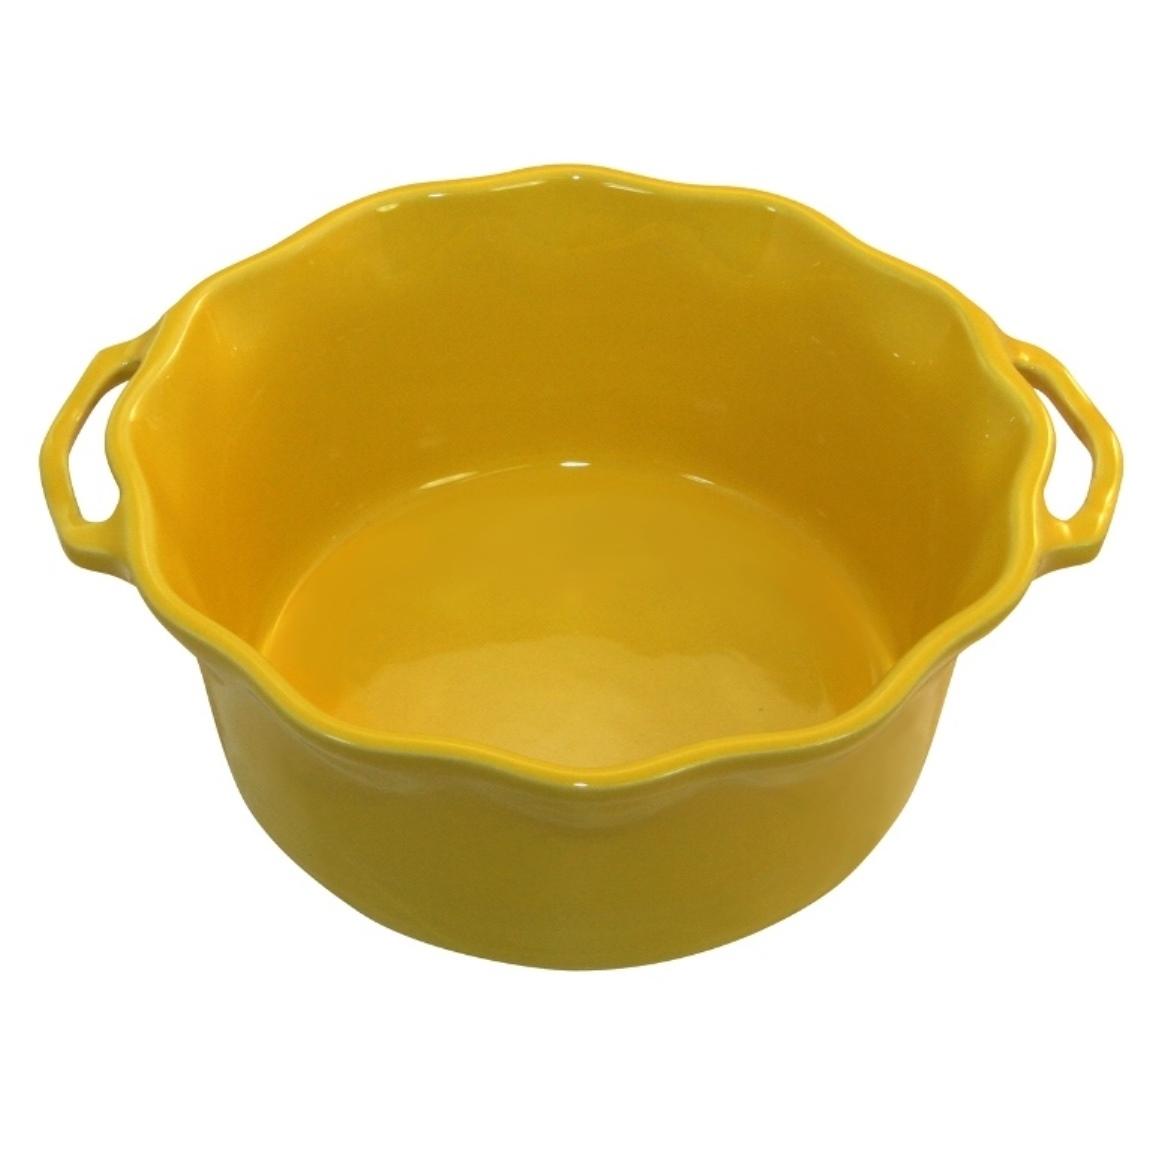 Форма для суфле 21 см Appolia Delices GRAPEFRUIT 113025077Формы для запекания (выпечки)<br>Форма для суфле 21 см Appolia Delices GRAPEFRUIT 113025077<br><br>Благодаря большому разнообразию изящных форм и широкой цветовой гамме, коллекция DELICES предлагает всевозможные варианты приготовления блюд для себя и гостей. Выбирайте цвета в соответствии с вашими желаниями и вашей кухне. Закругленные углы облегчают чистку. Легко использовать. Большие удобные ручки. Прочная жароустойчивая керамика экологична и изготавливается из высококачественной глины. Прочная глазурь устойчива к растрескиванию и сколам, не содержит свинца и кадмия. Глина обеспечивает медленный и равномерный нагрев, деликатное приготовление с сохранением всех питательных веществ и витаминов, а та же долго сохраняет тепло, что удобно при сервировке горячих блюд.<br>